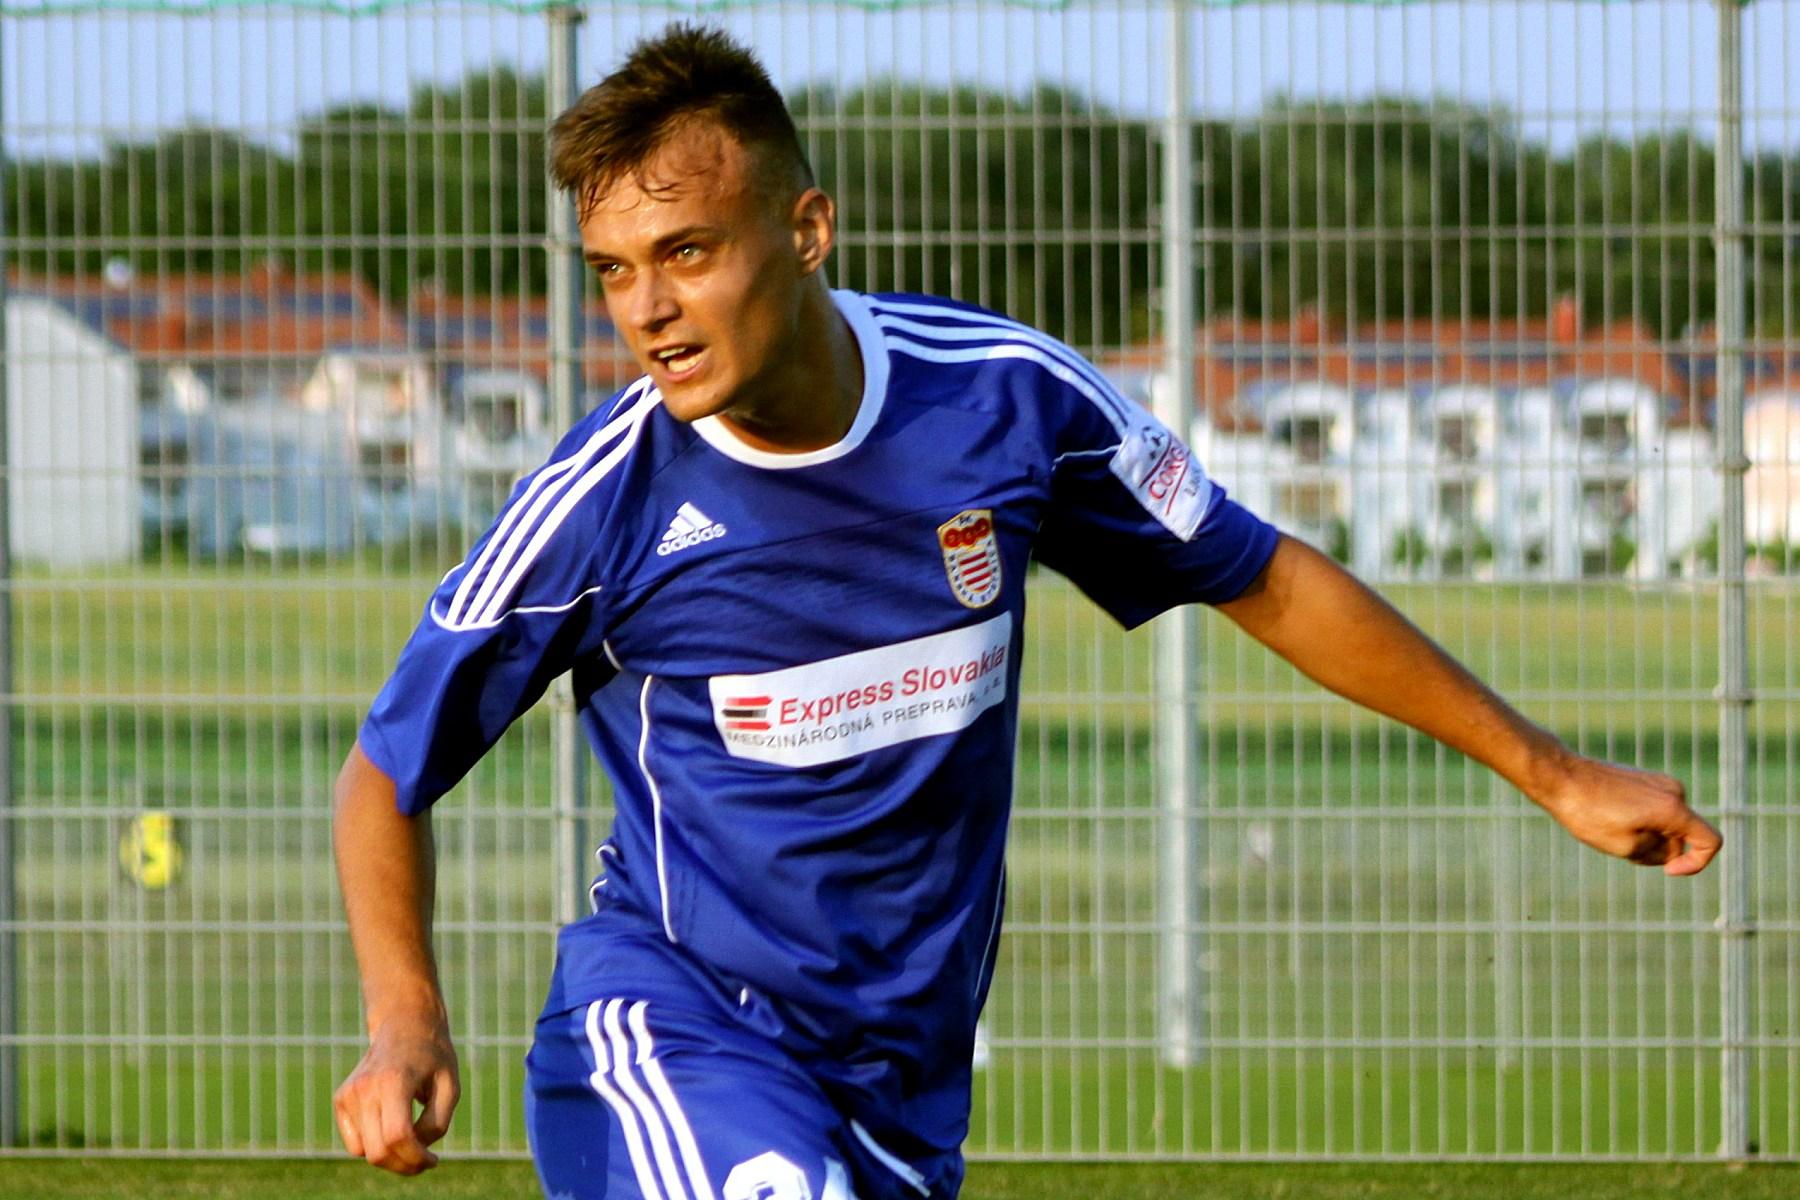 Resultado de imagem para FK Dukla  Banská Bystrica